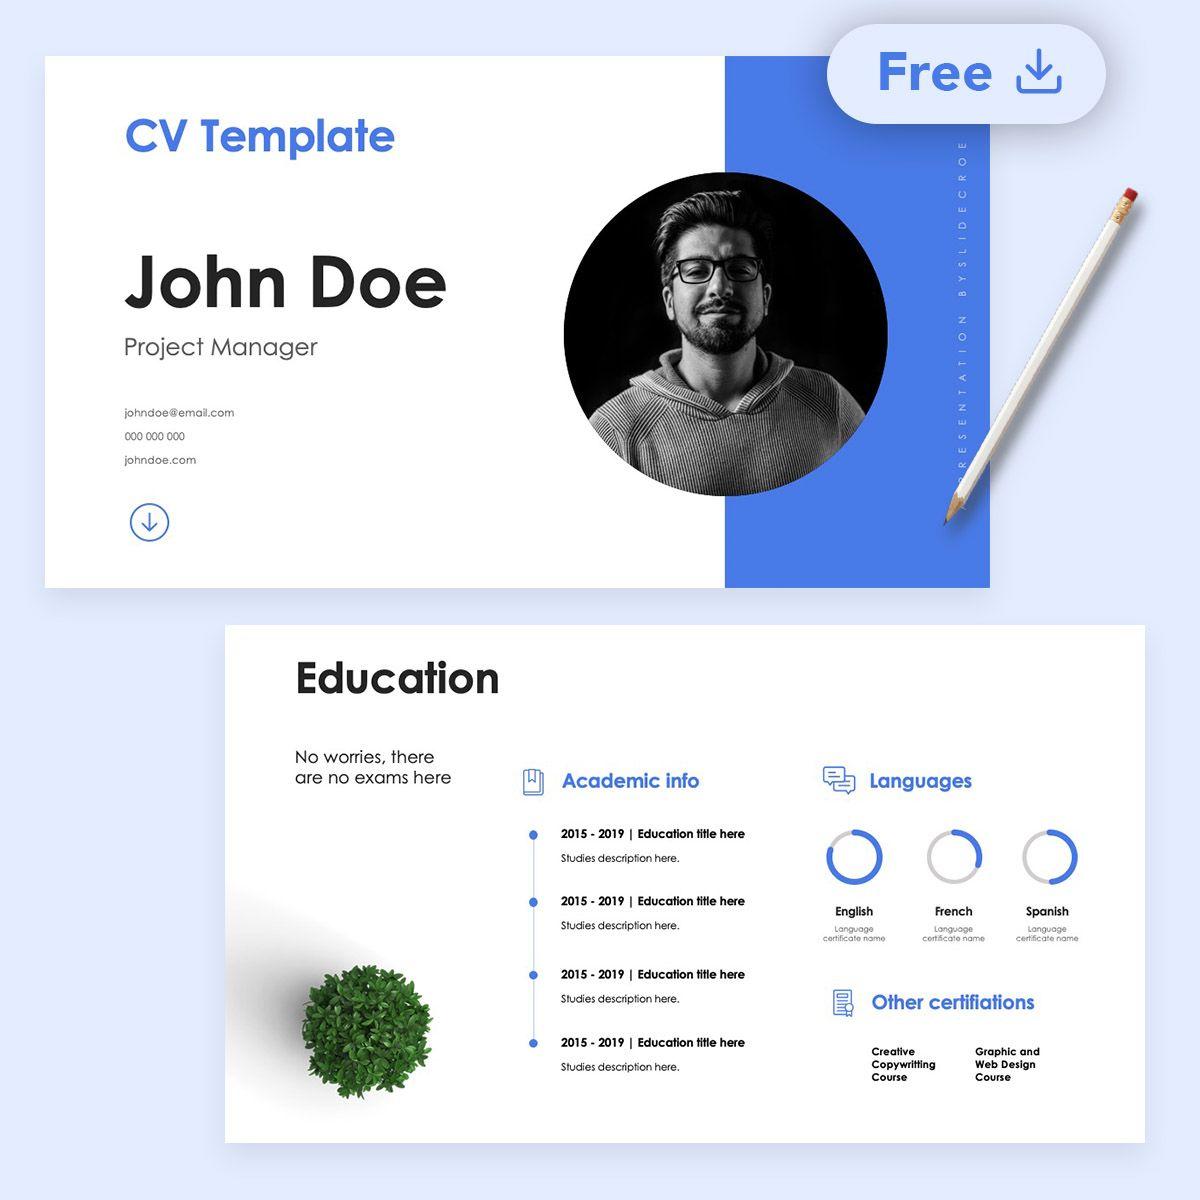 Zurich Free Cv Powerpoint Google Slides Presentation By Slidecore In 2021 Presentation Template Free Presentation Templates Slide Design